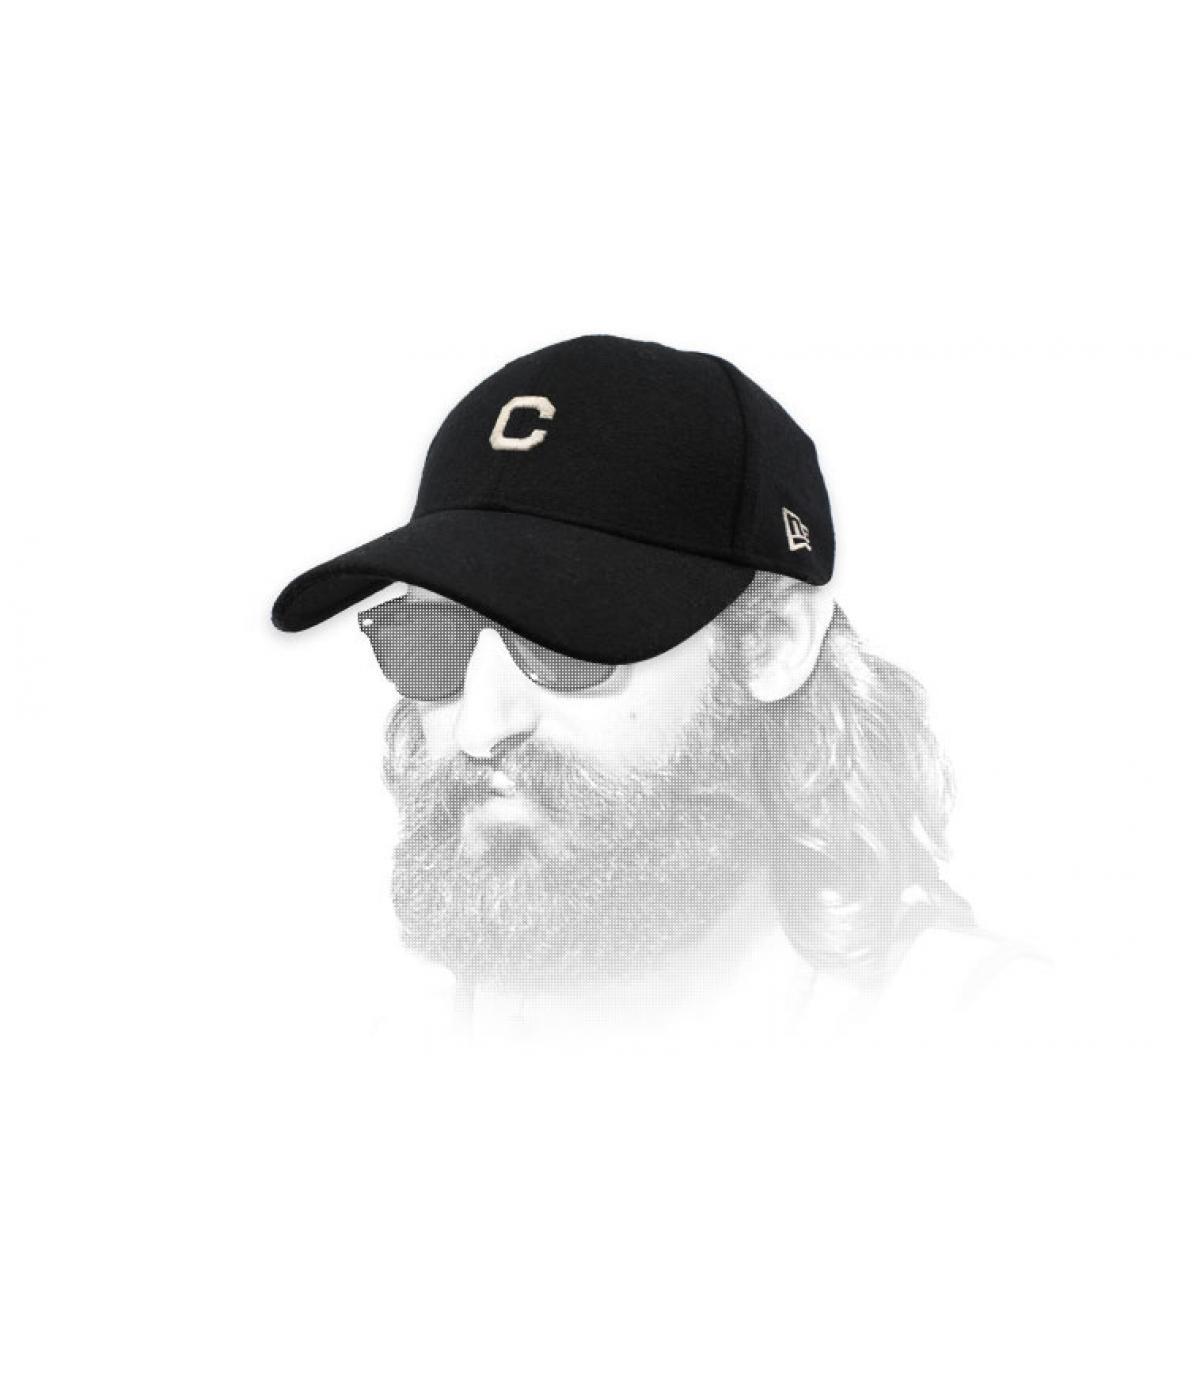 casquette C noir